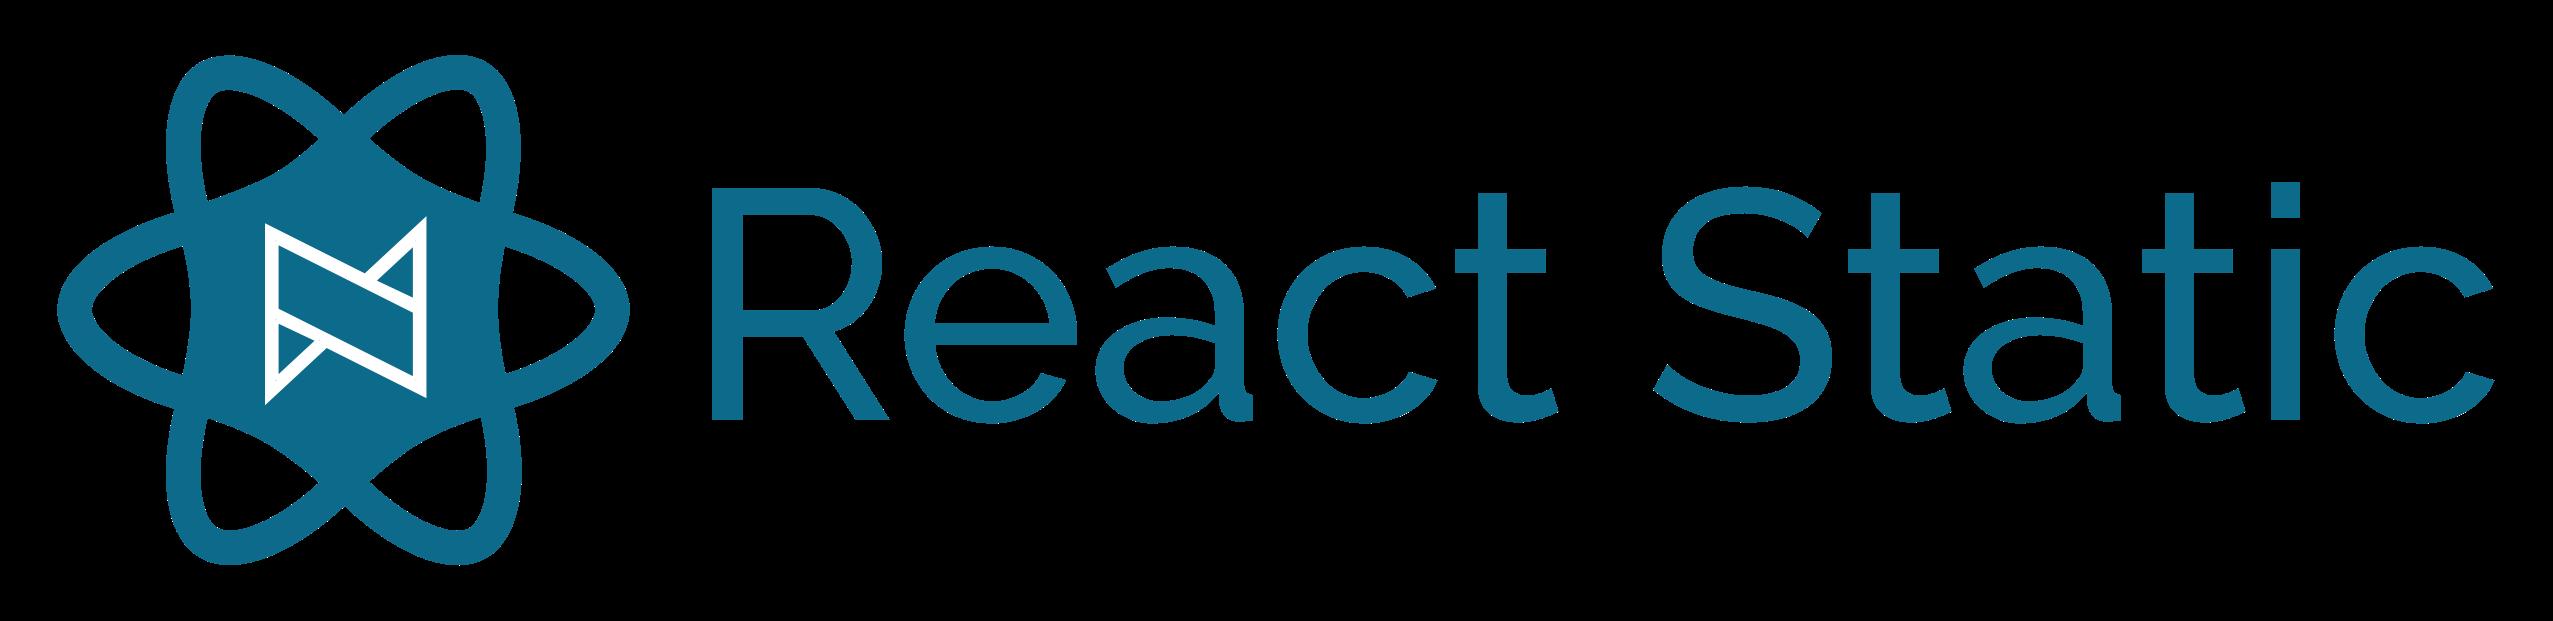 logo.5b9a7a21.png